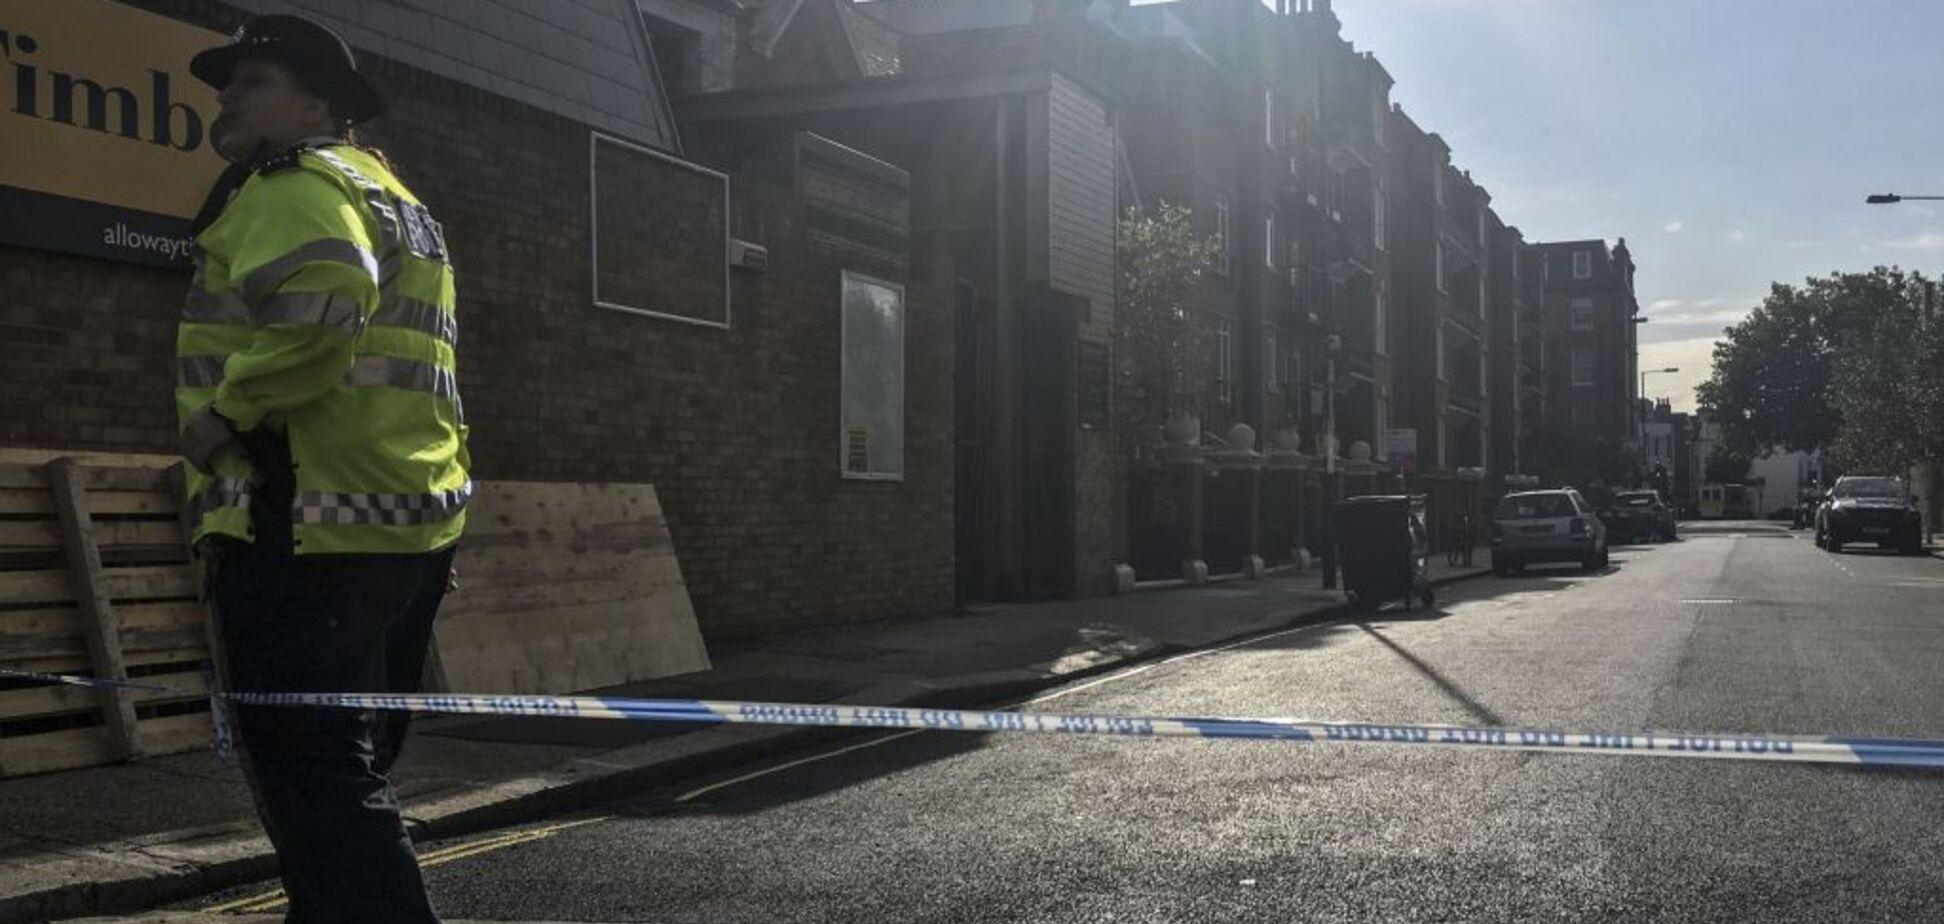 Найдена вторая бомба: взрыв в метро Лондона назвали терактом